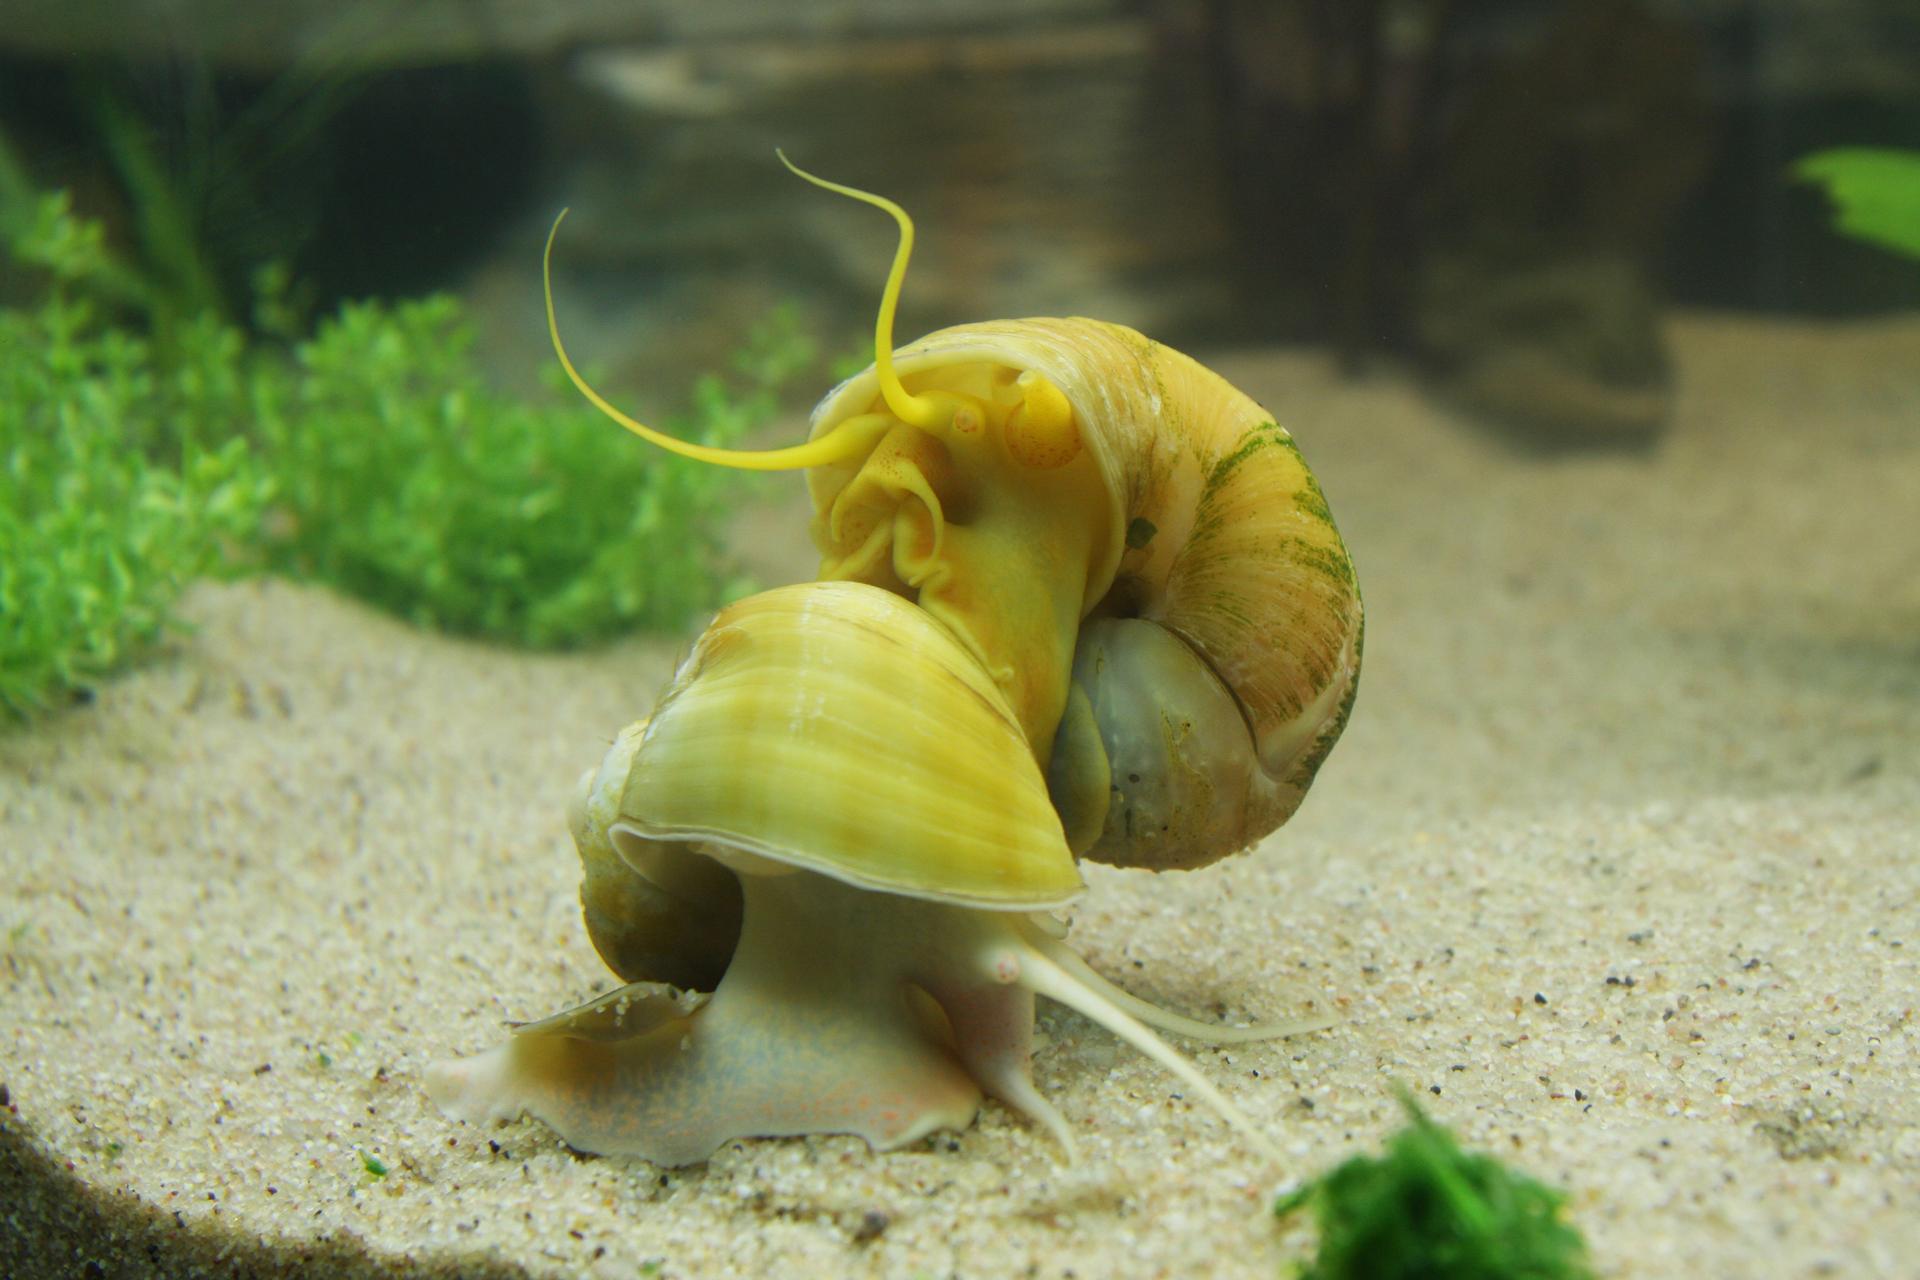 Aquarium fotografie voorbeeld foto: Bij een beperkte scherpte, diepte komt het onderwerp beter tot zijn recht.